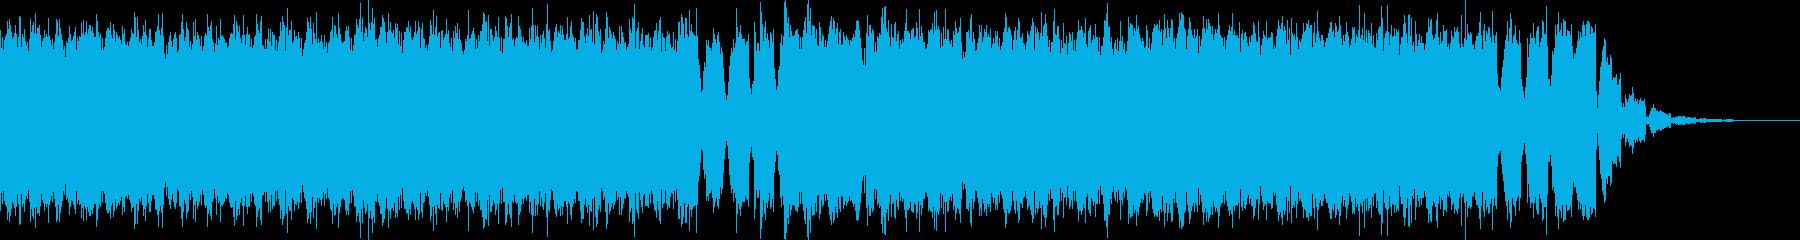 明るくて壮大なEDMドロップ-No.4の再生済みの波形